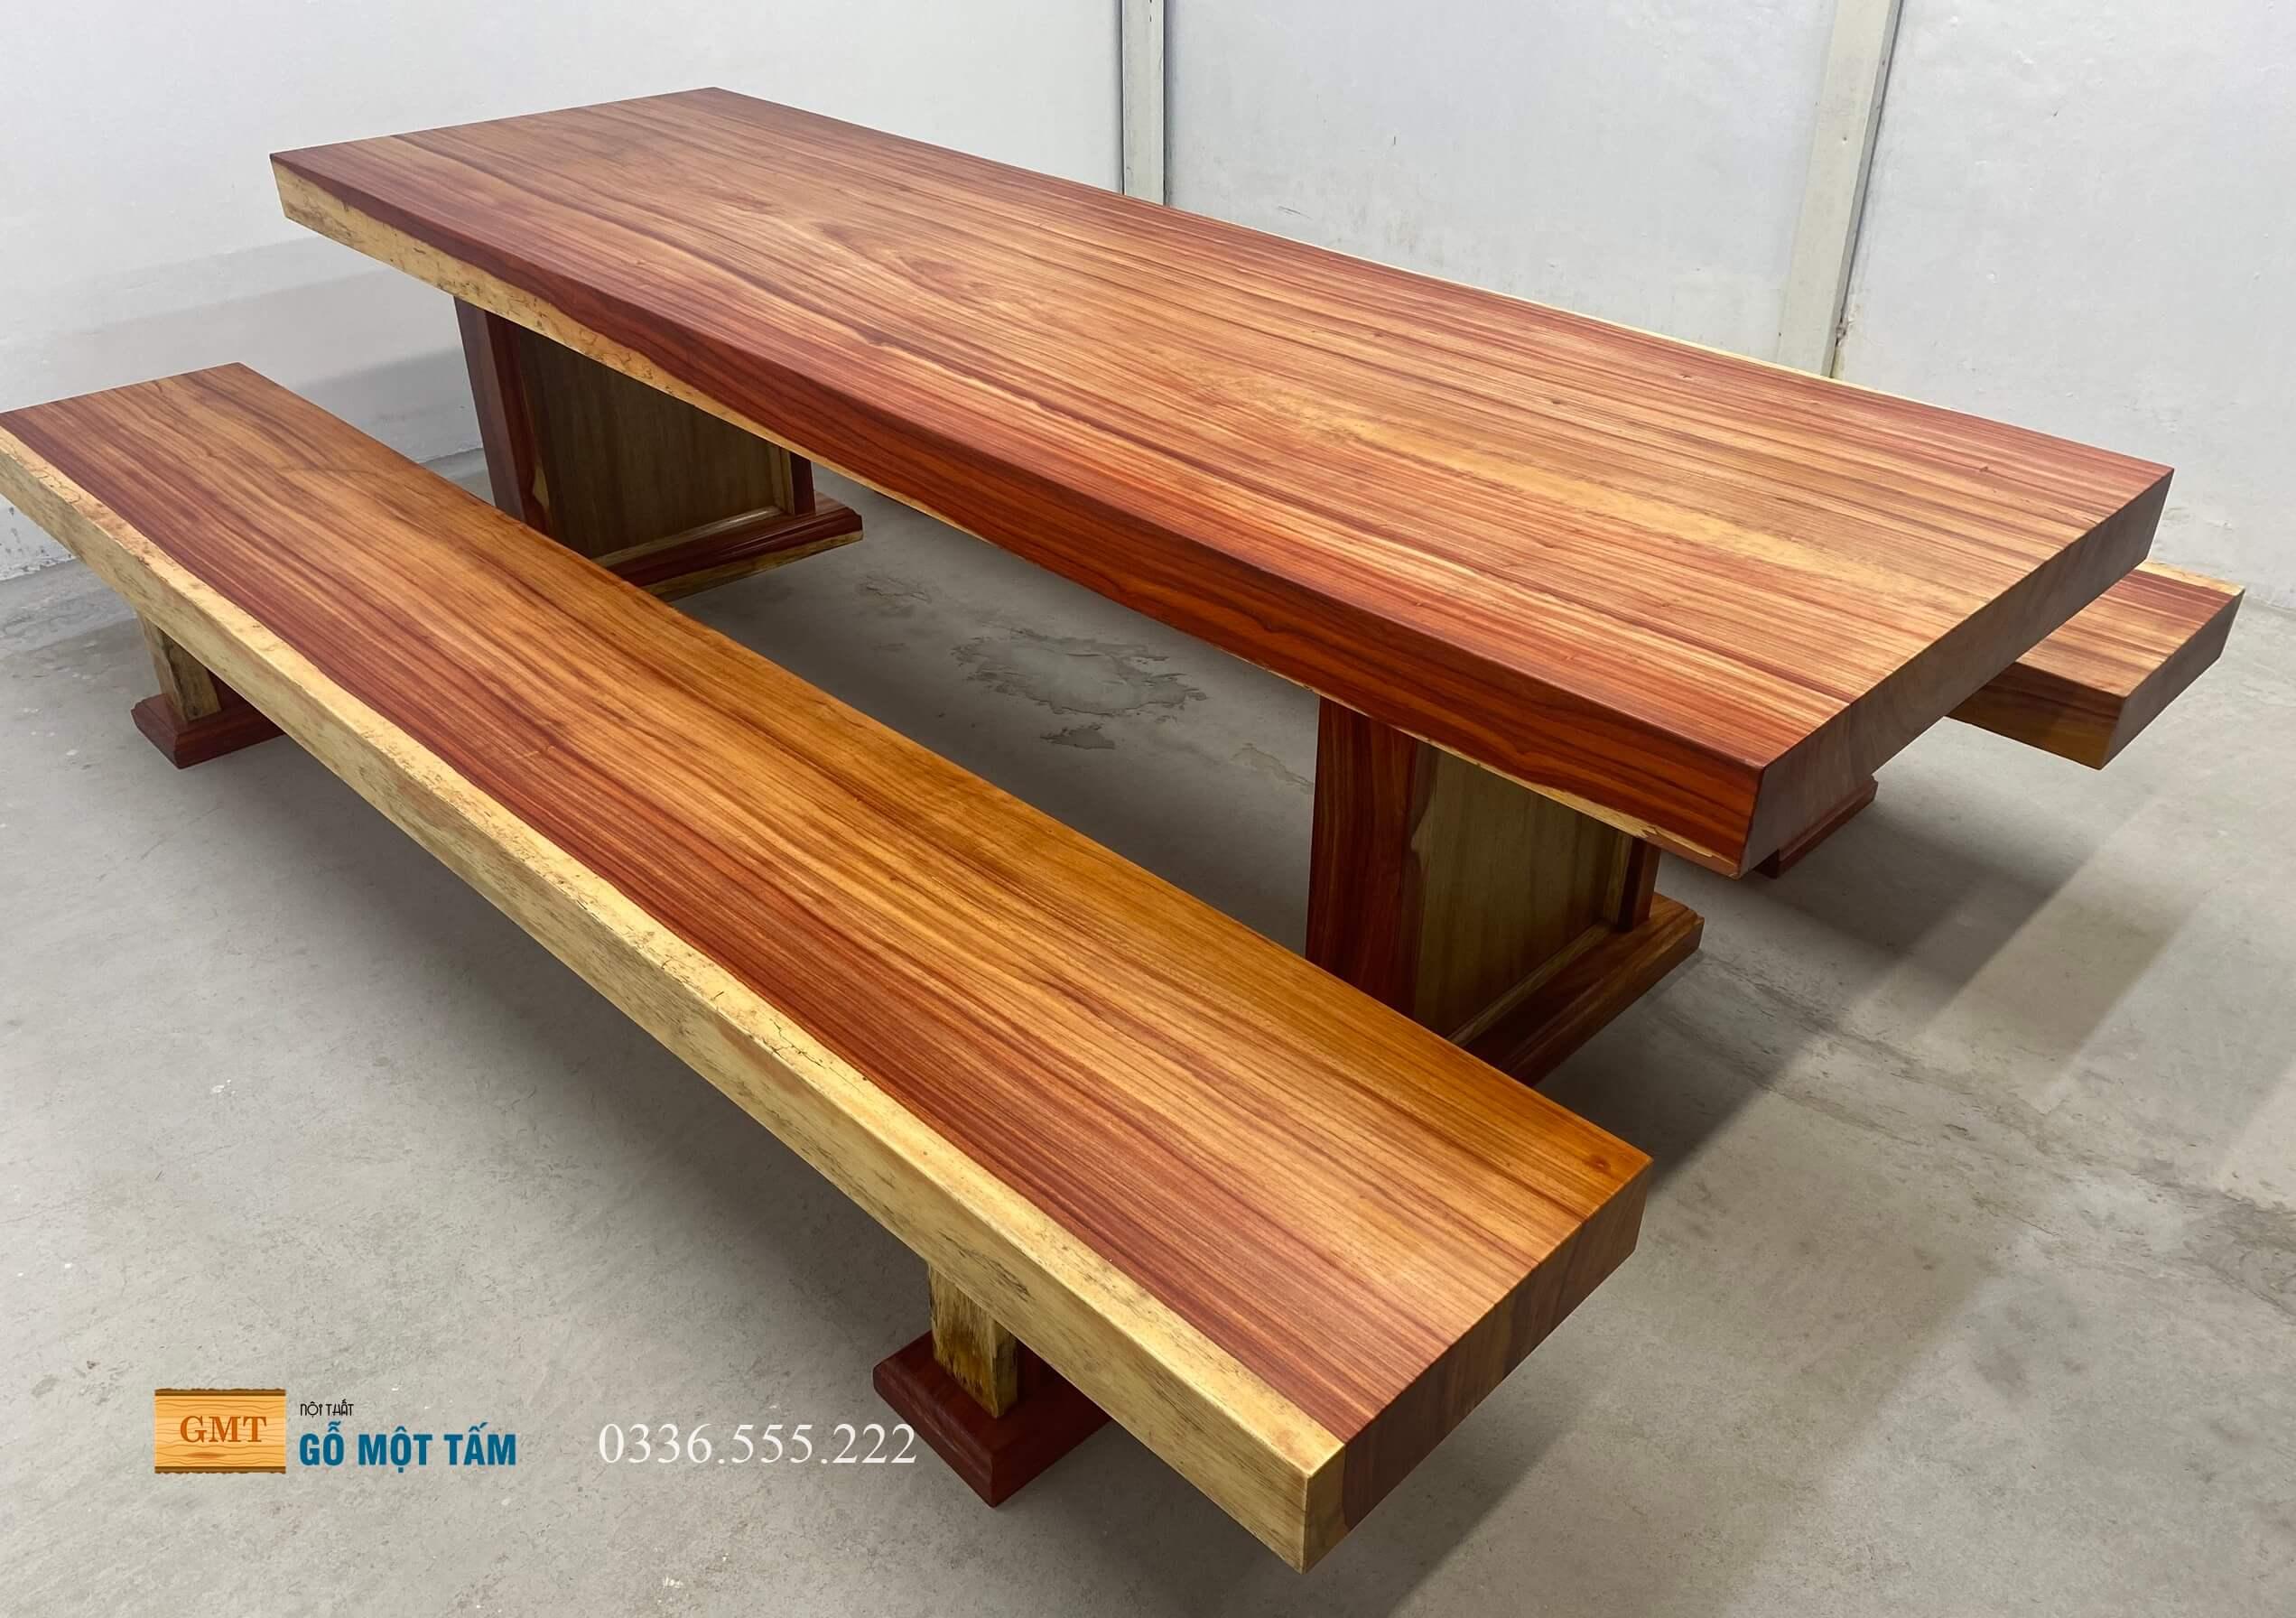 bộ bàn gỗ tự nhiên nguyên tấm